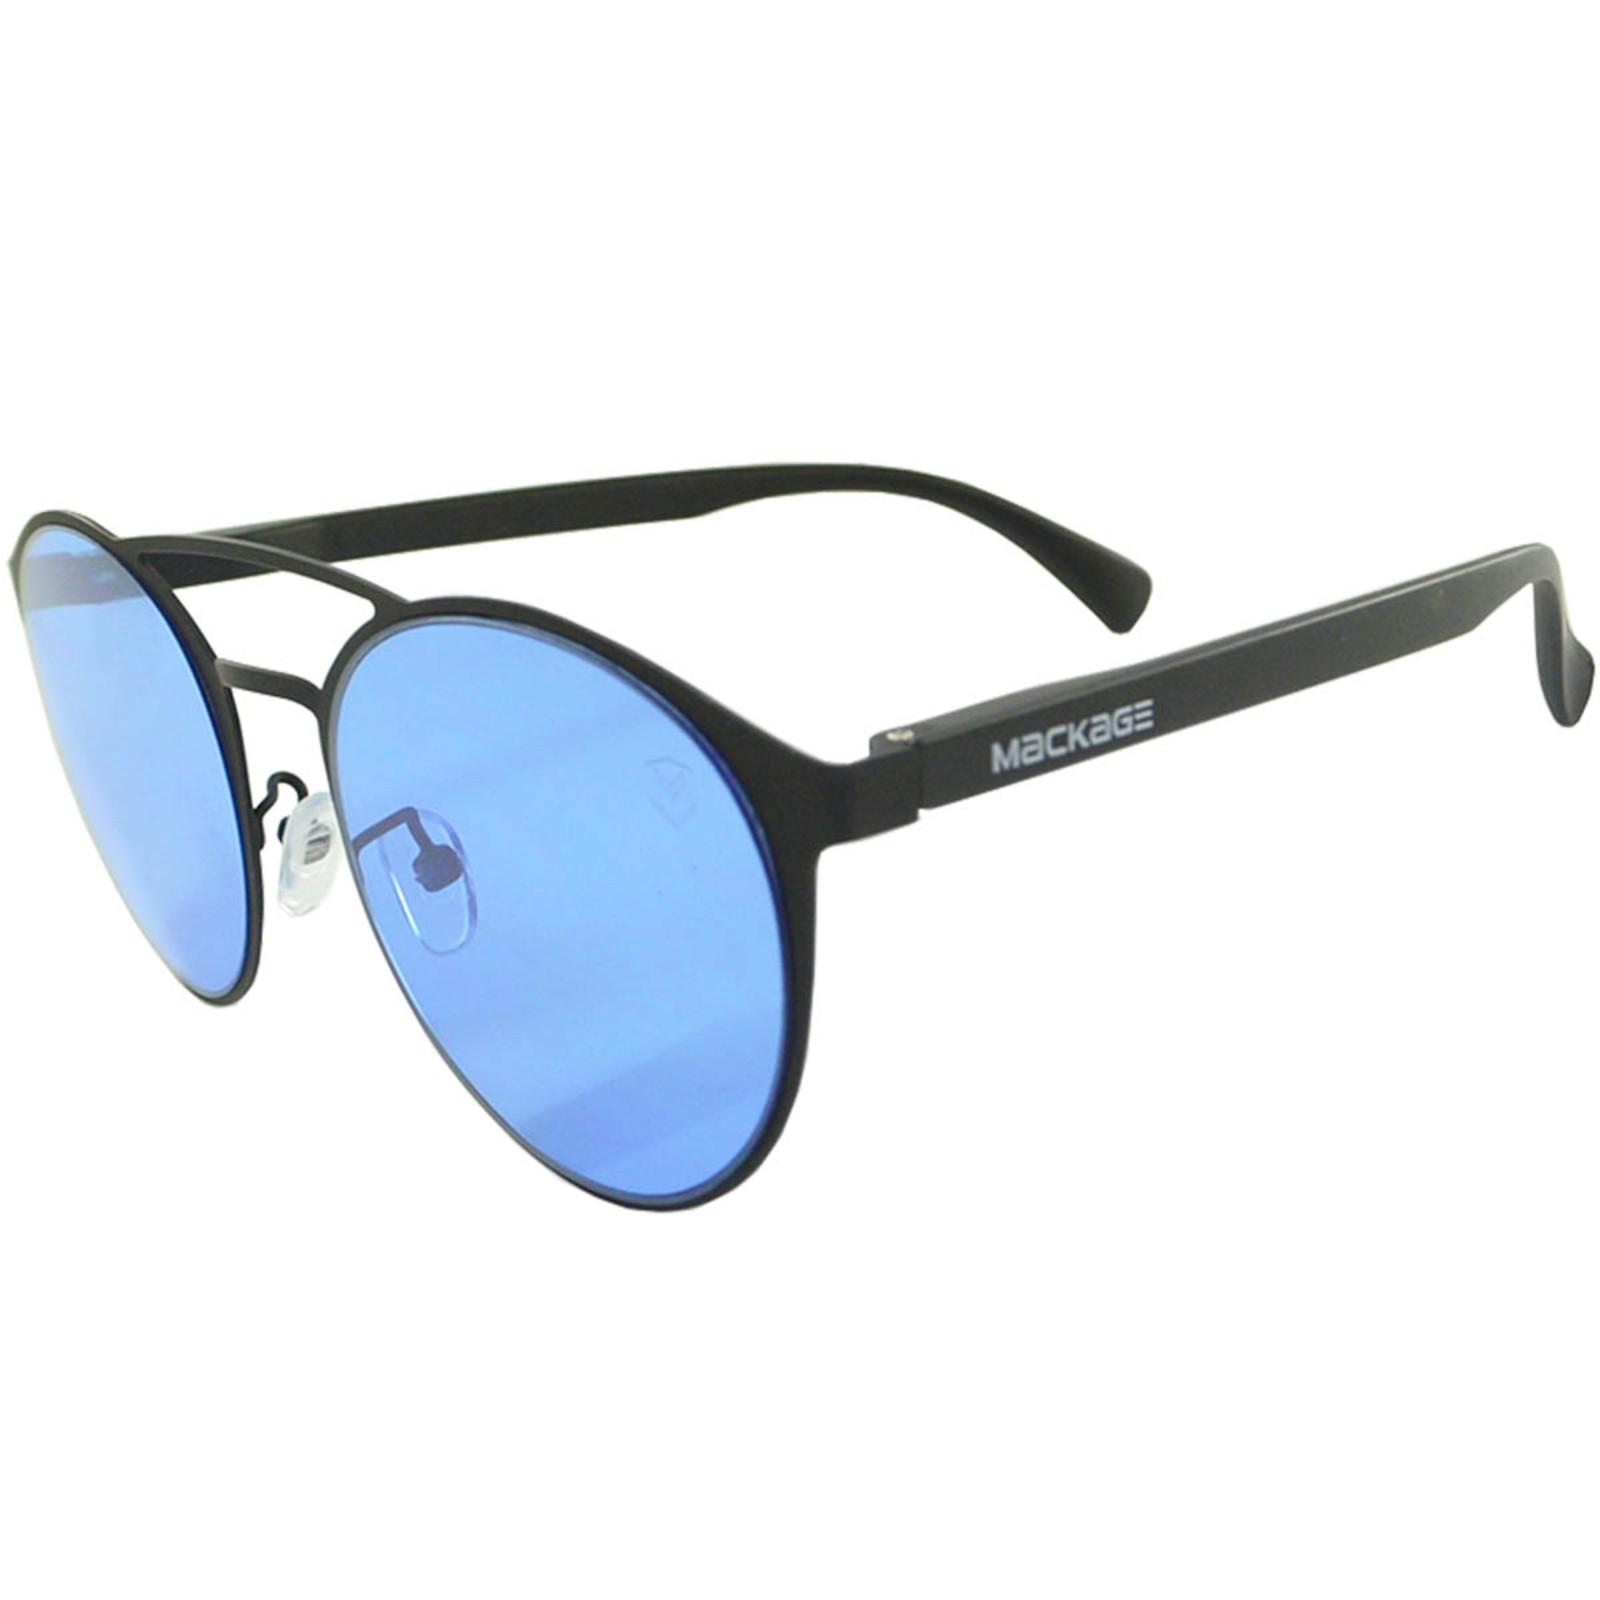 Óculos De Sol Mackage Unissex Metal-Acetato Redondo - Preto/Azul